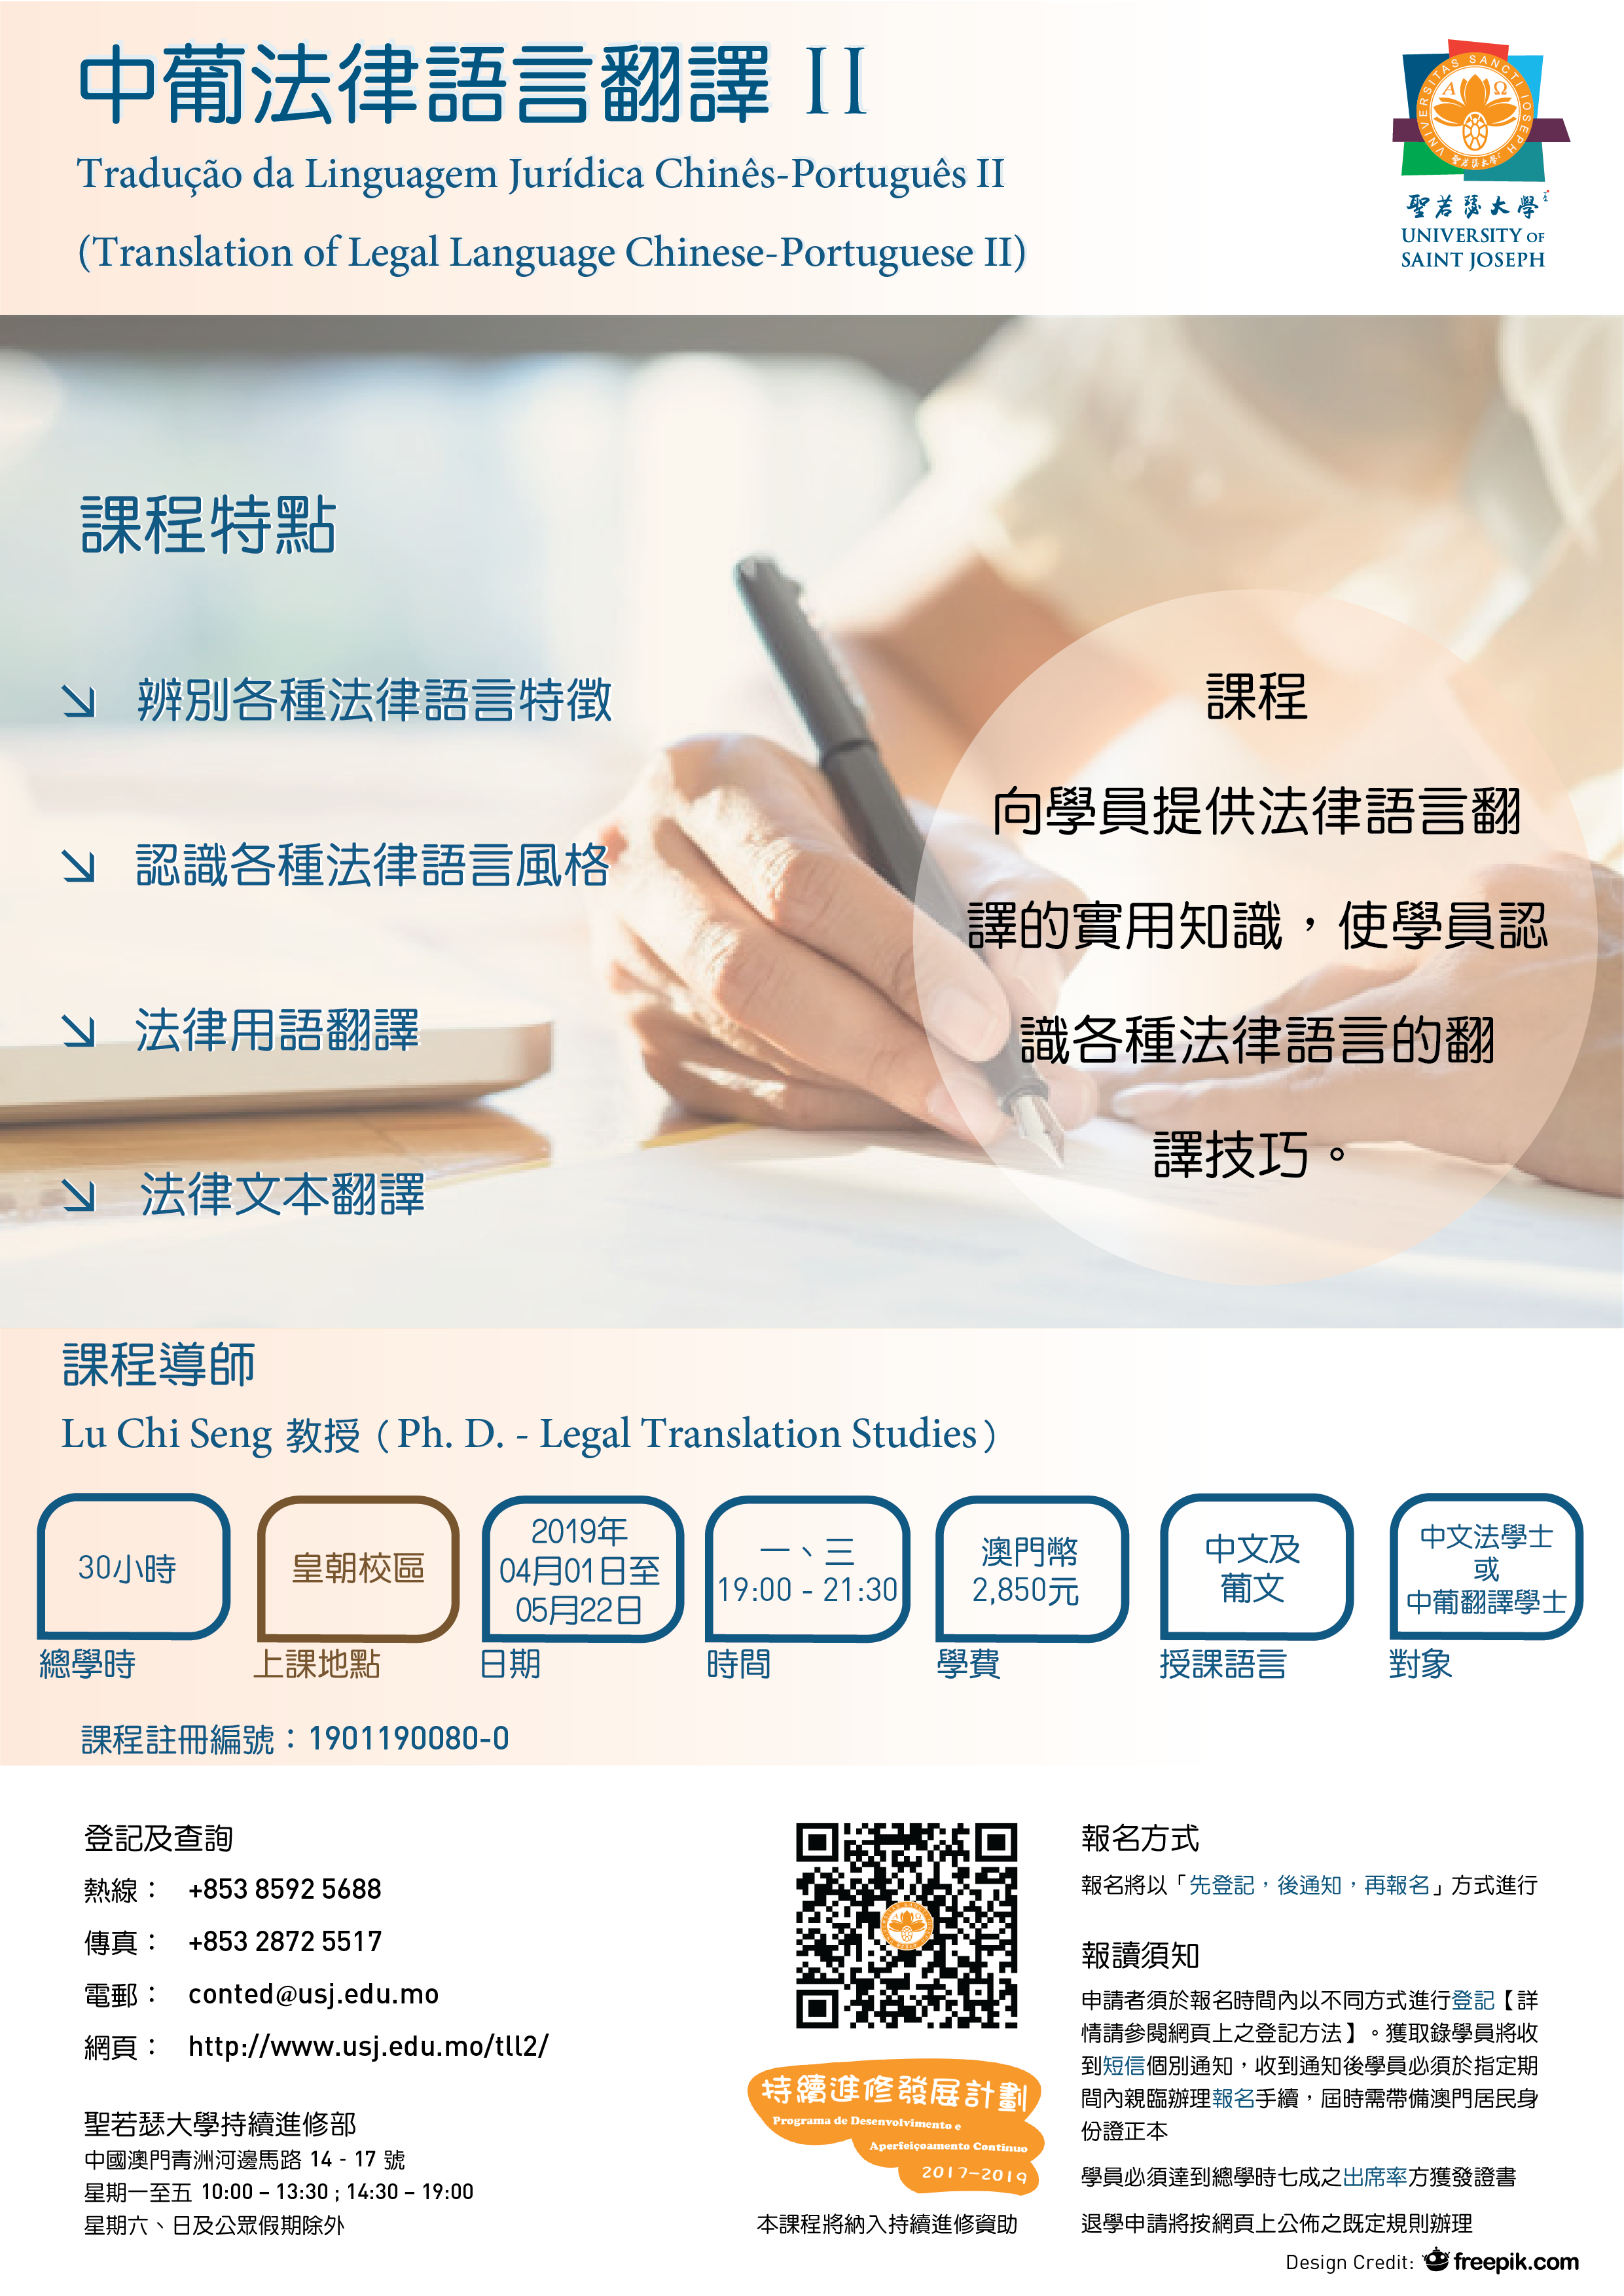 Legal Translation II v1.2-01 (1)